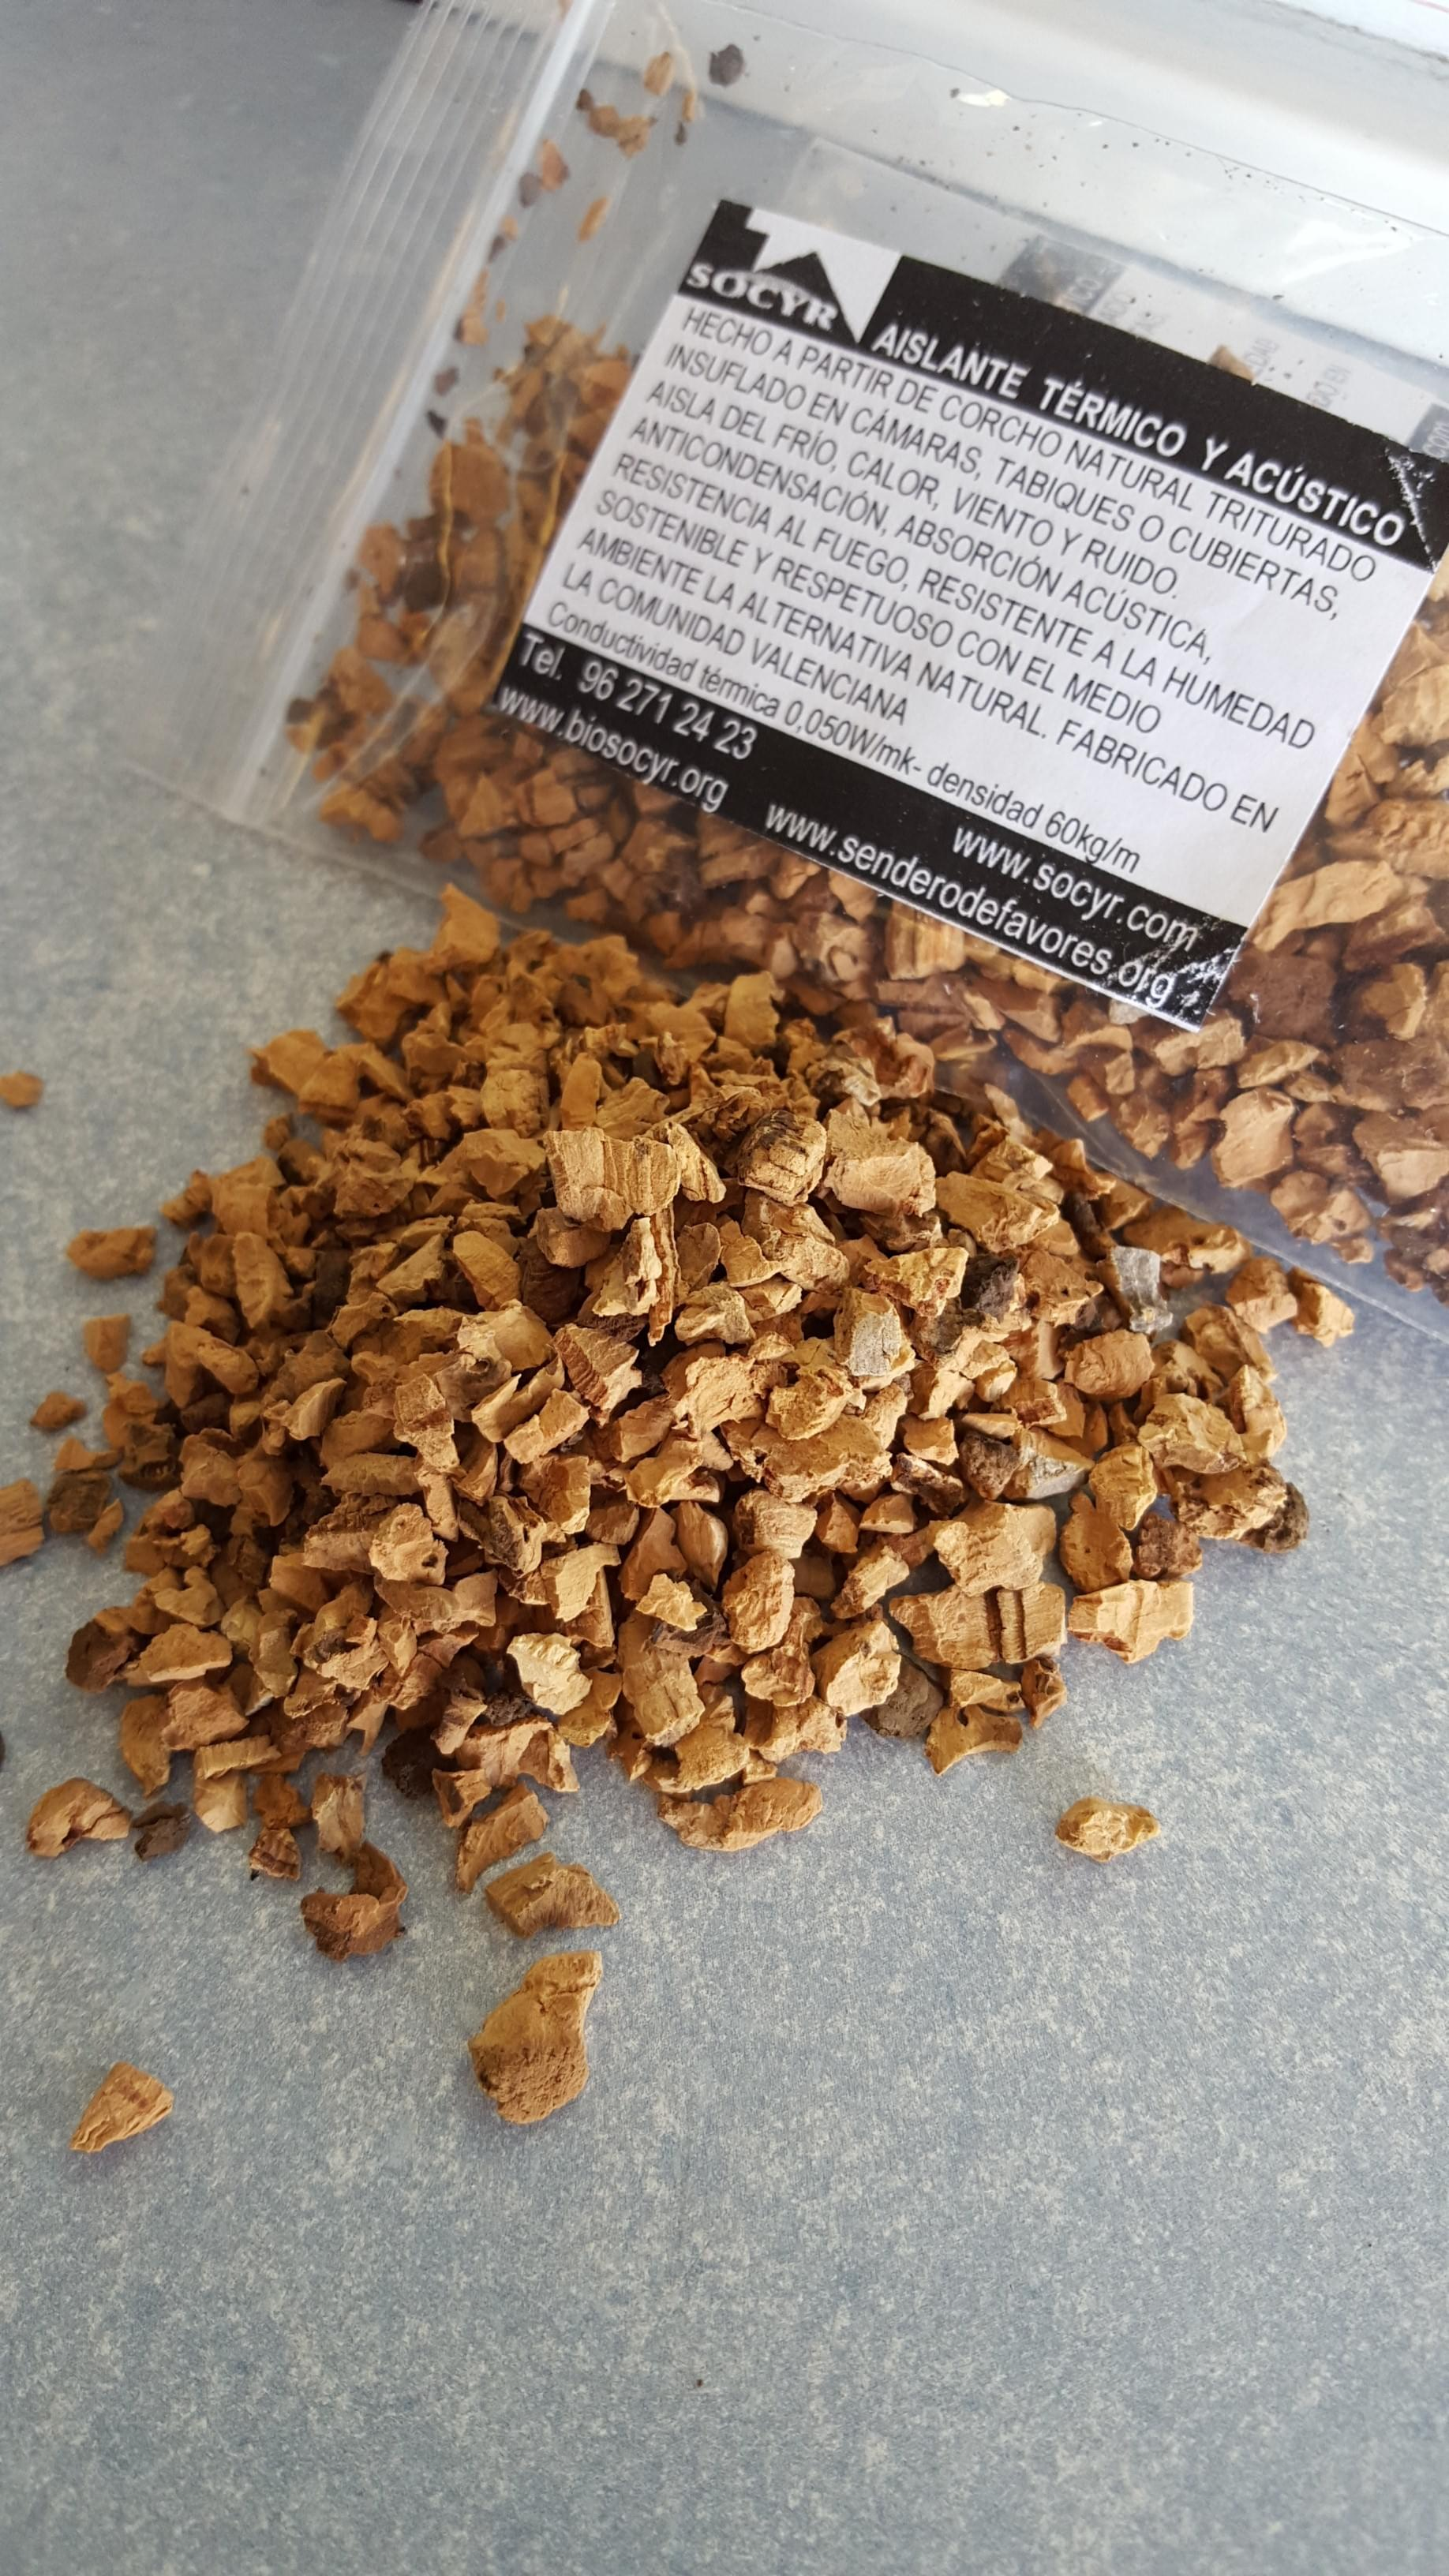 Aislamiento corcho granulado natural socyr - Aislante de corcho ...